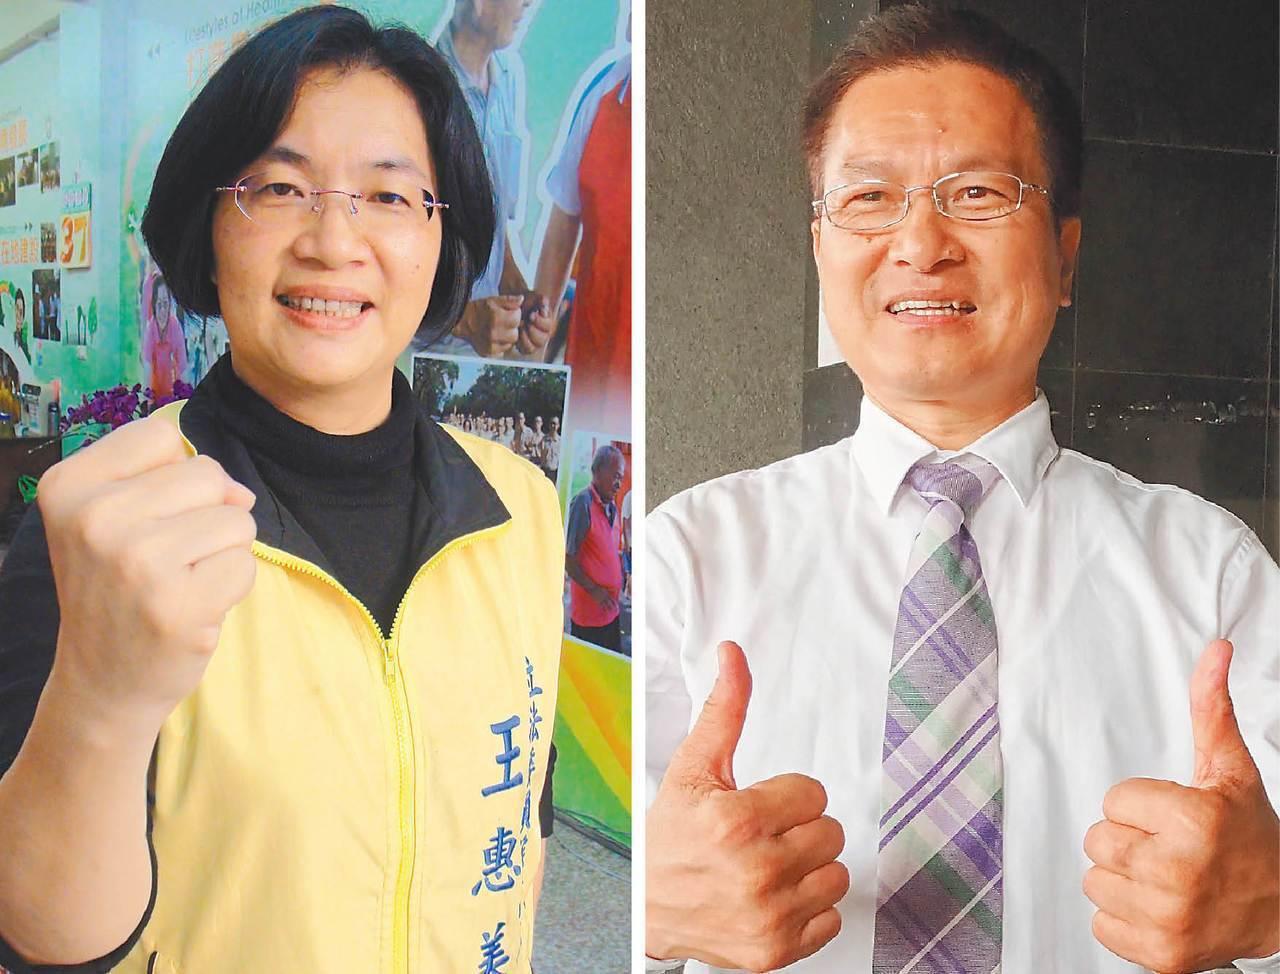 台灣世代智庫民調顯示,民進黨彰化縣長參選人魏明谷(右)以32.3%支持度,高於國...